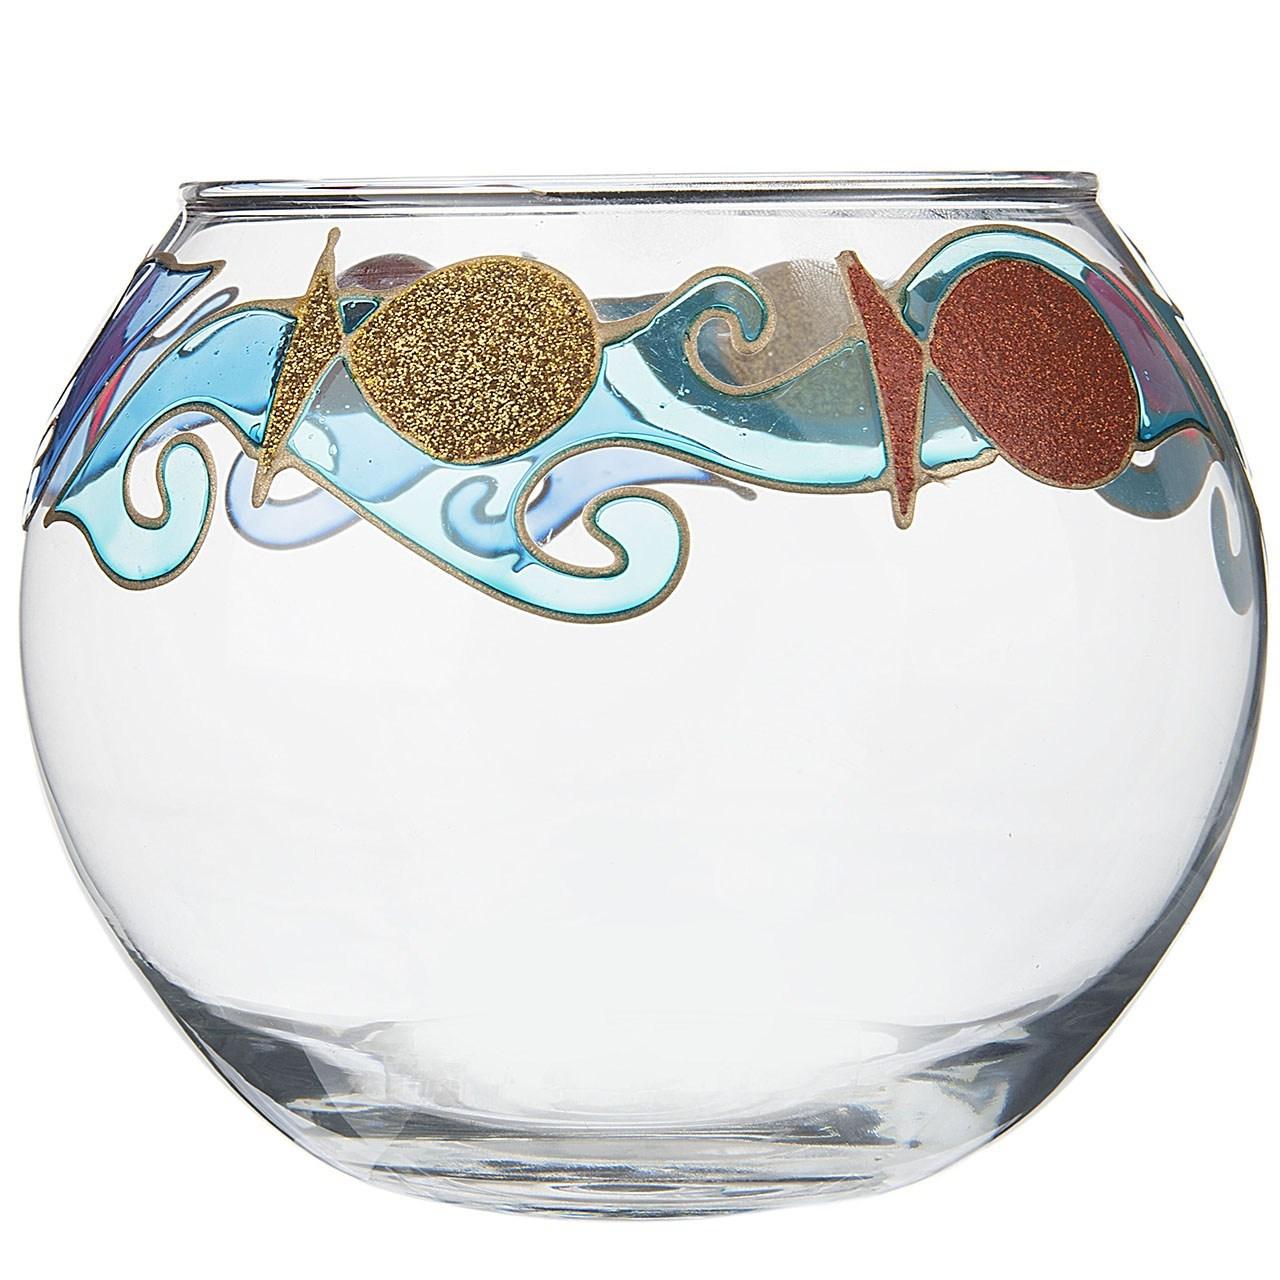 تنگ گرد شیشه ای گالری انار طرح ماهی مدل 134101